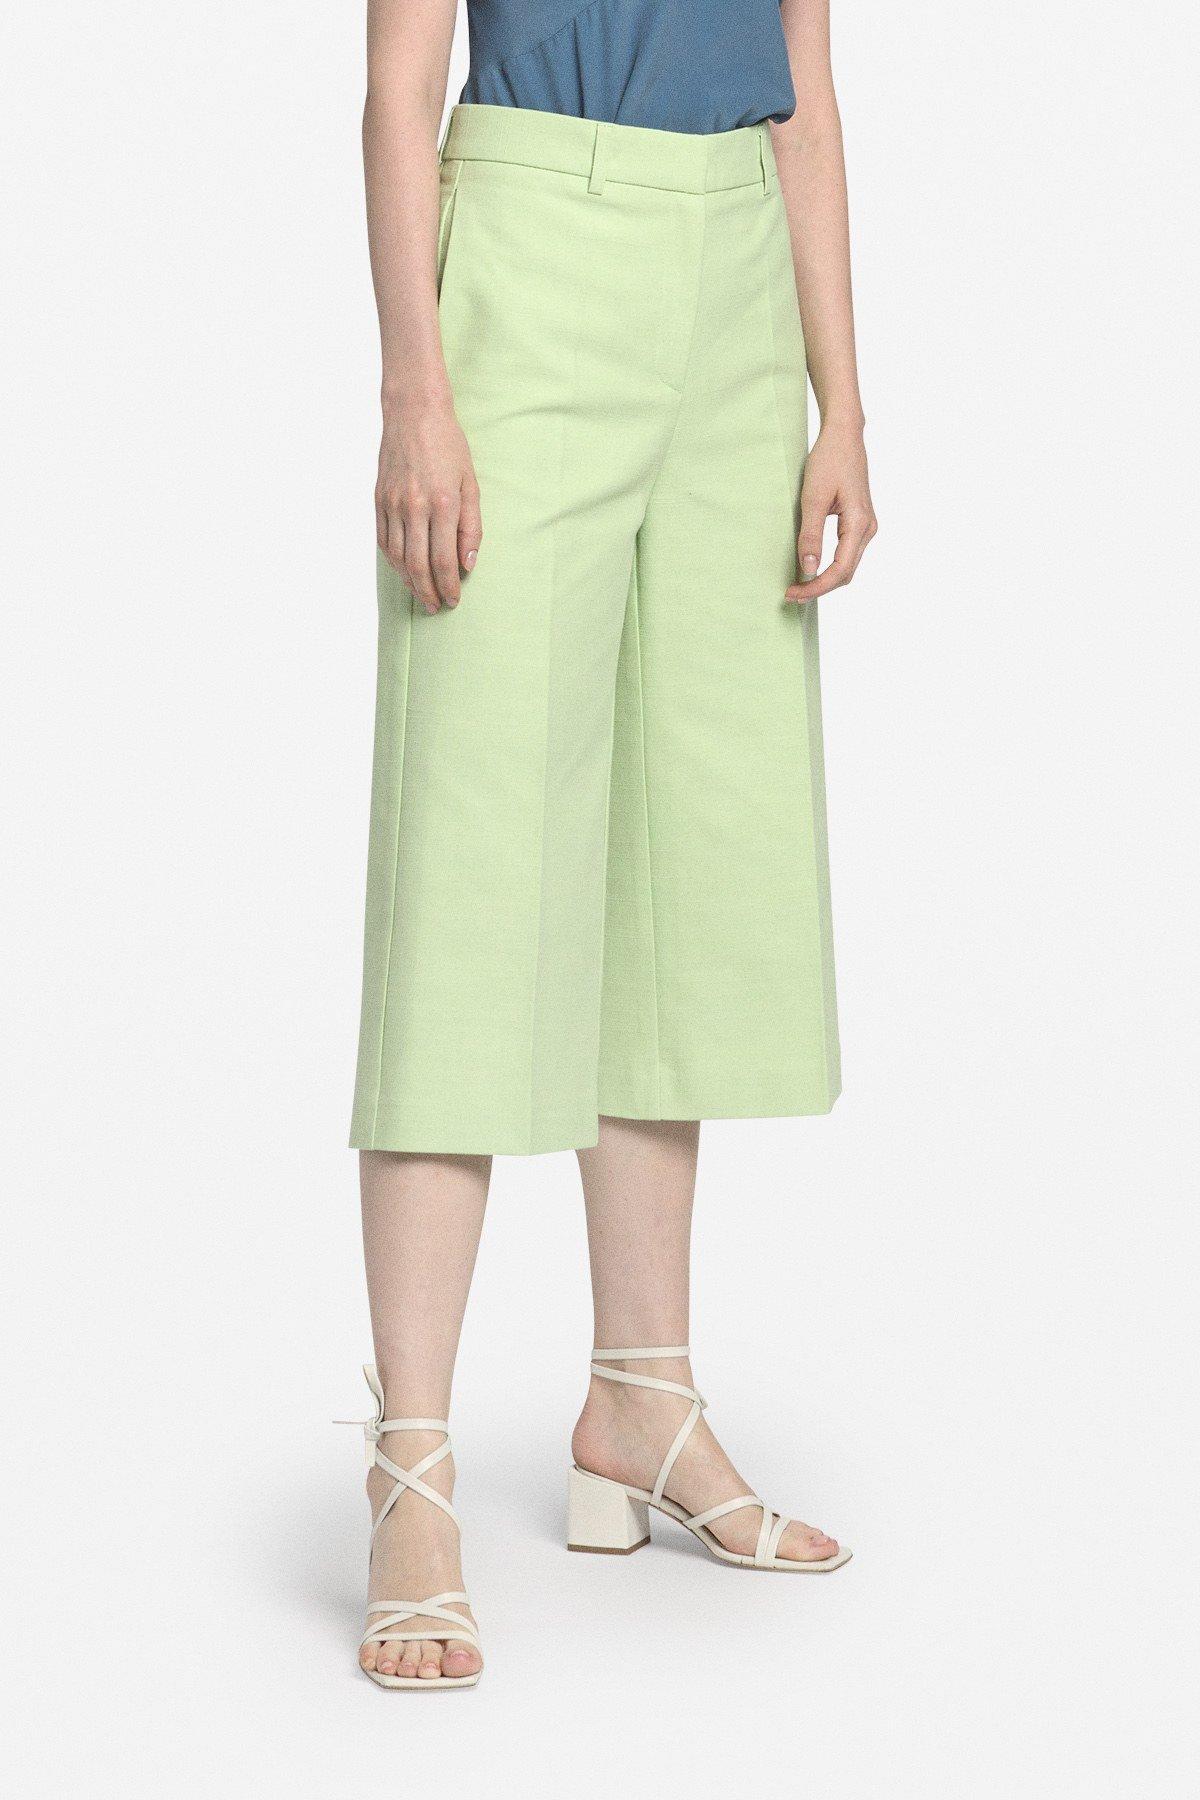 High-waist bermuda shorts